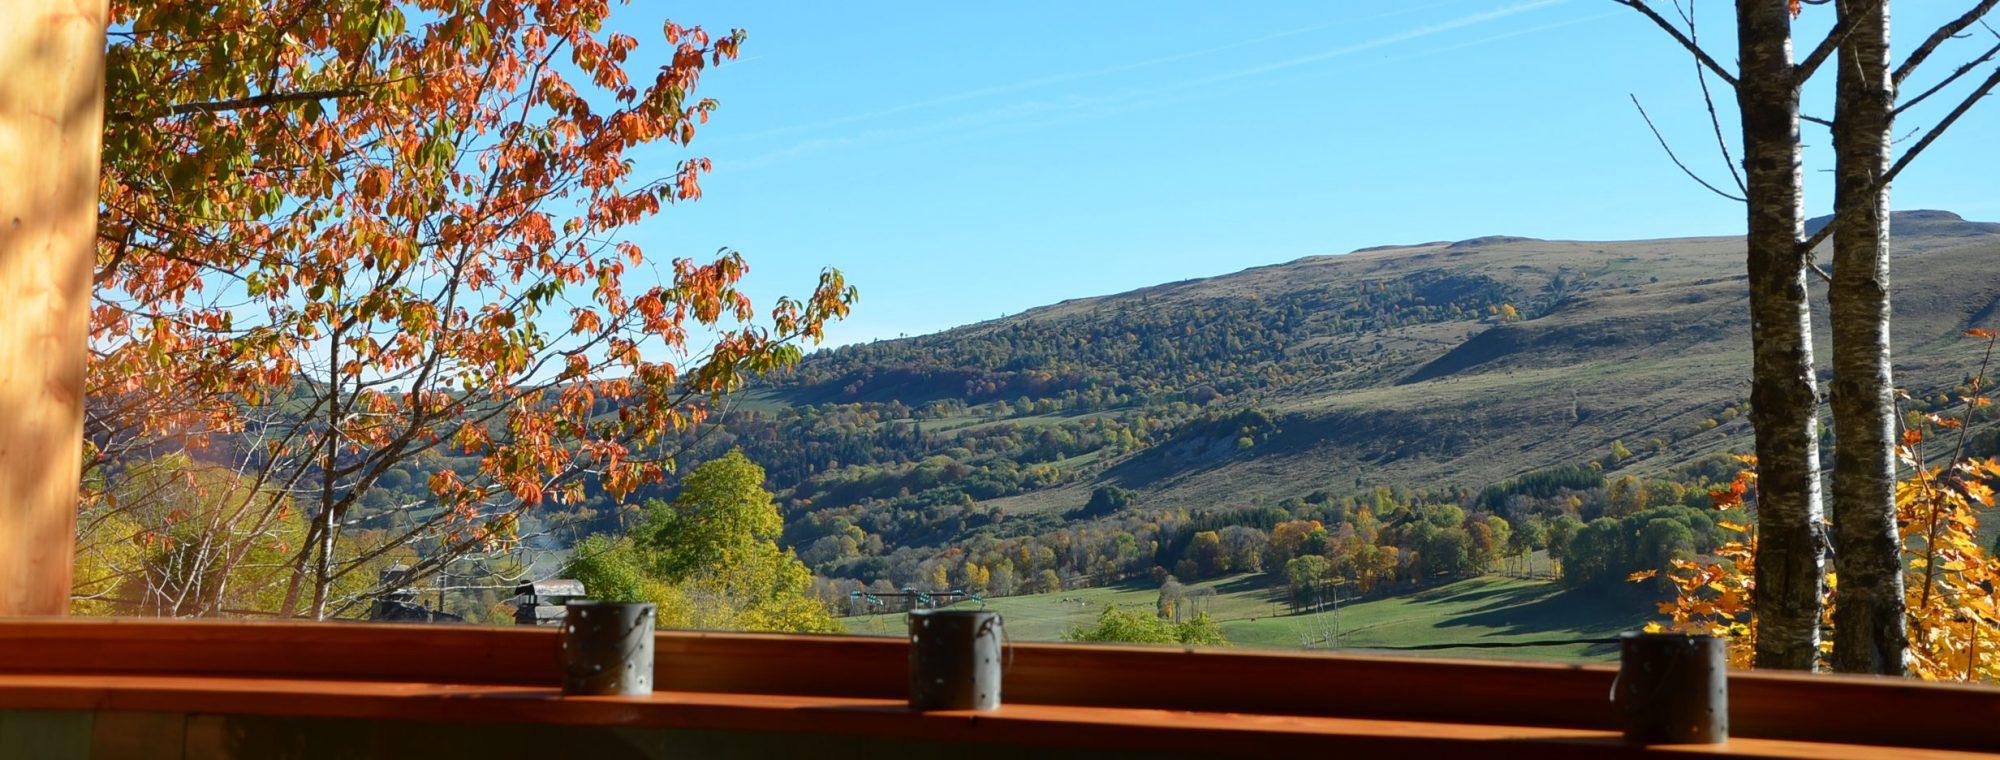 La vue sur les montagnes depuis la cabane. Photo ©Alta Terra